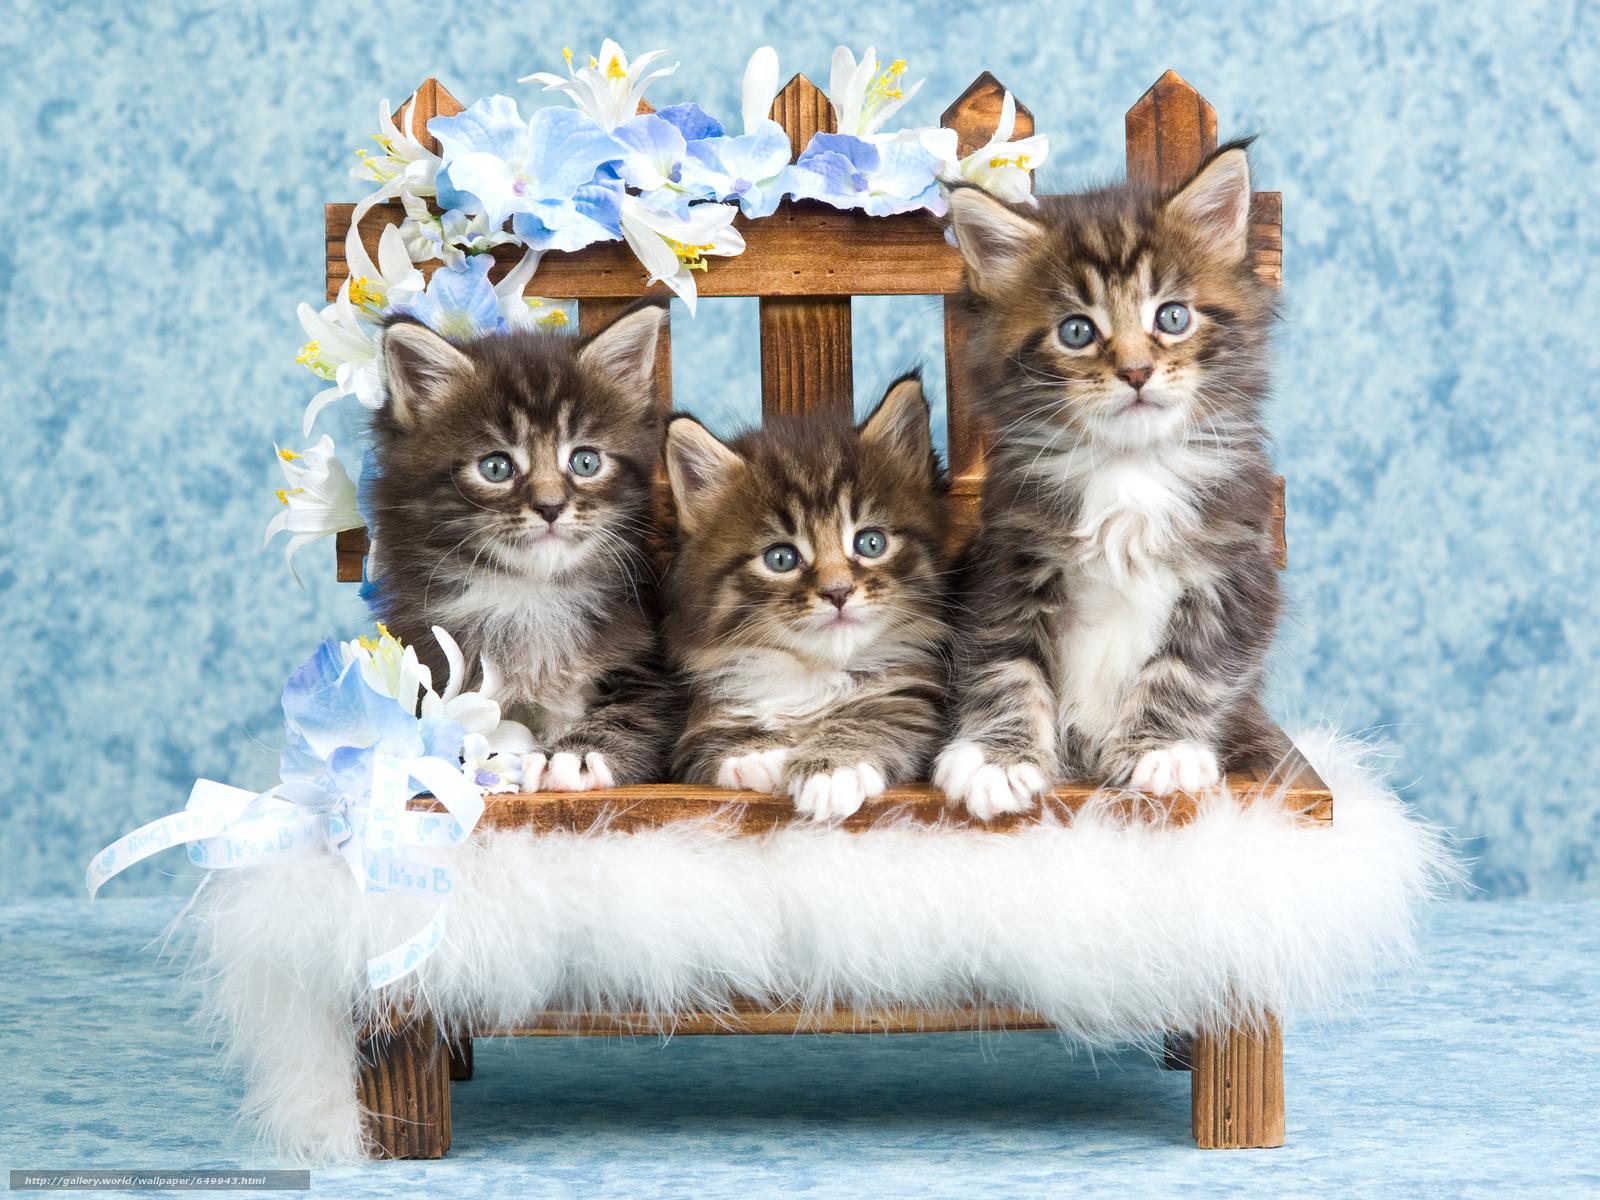 scaricare gli sfondi Gattini,  animali,  visualizzare Sfondi gratis per la risoluzione del desktop 6344x4758 — immagine №649943